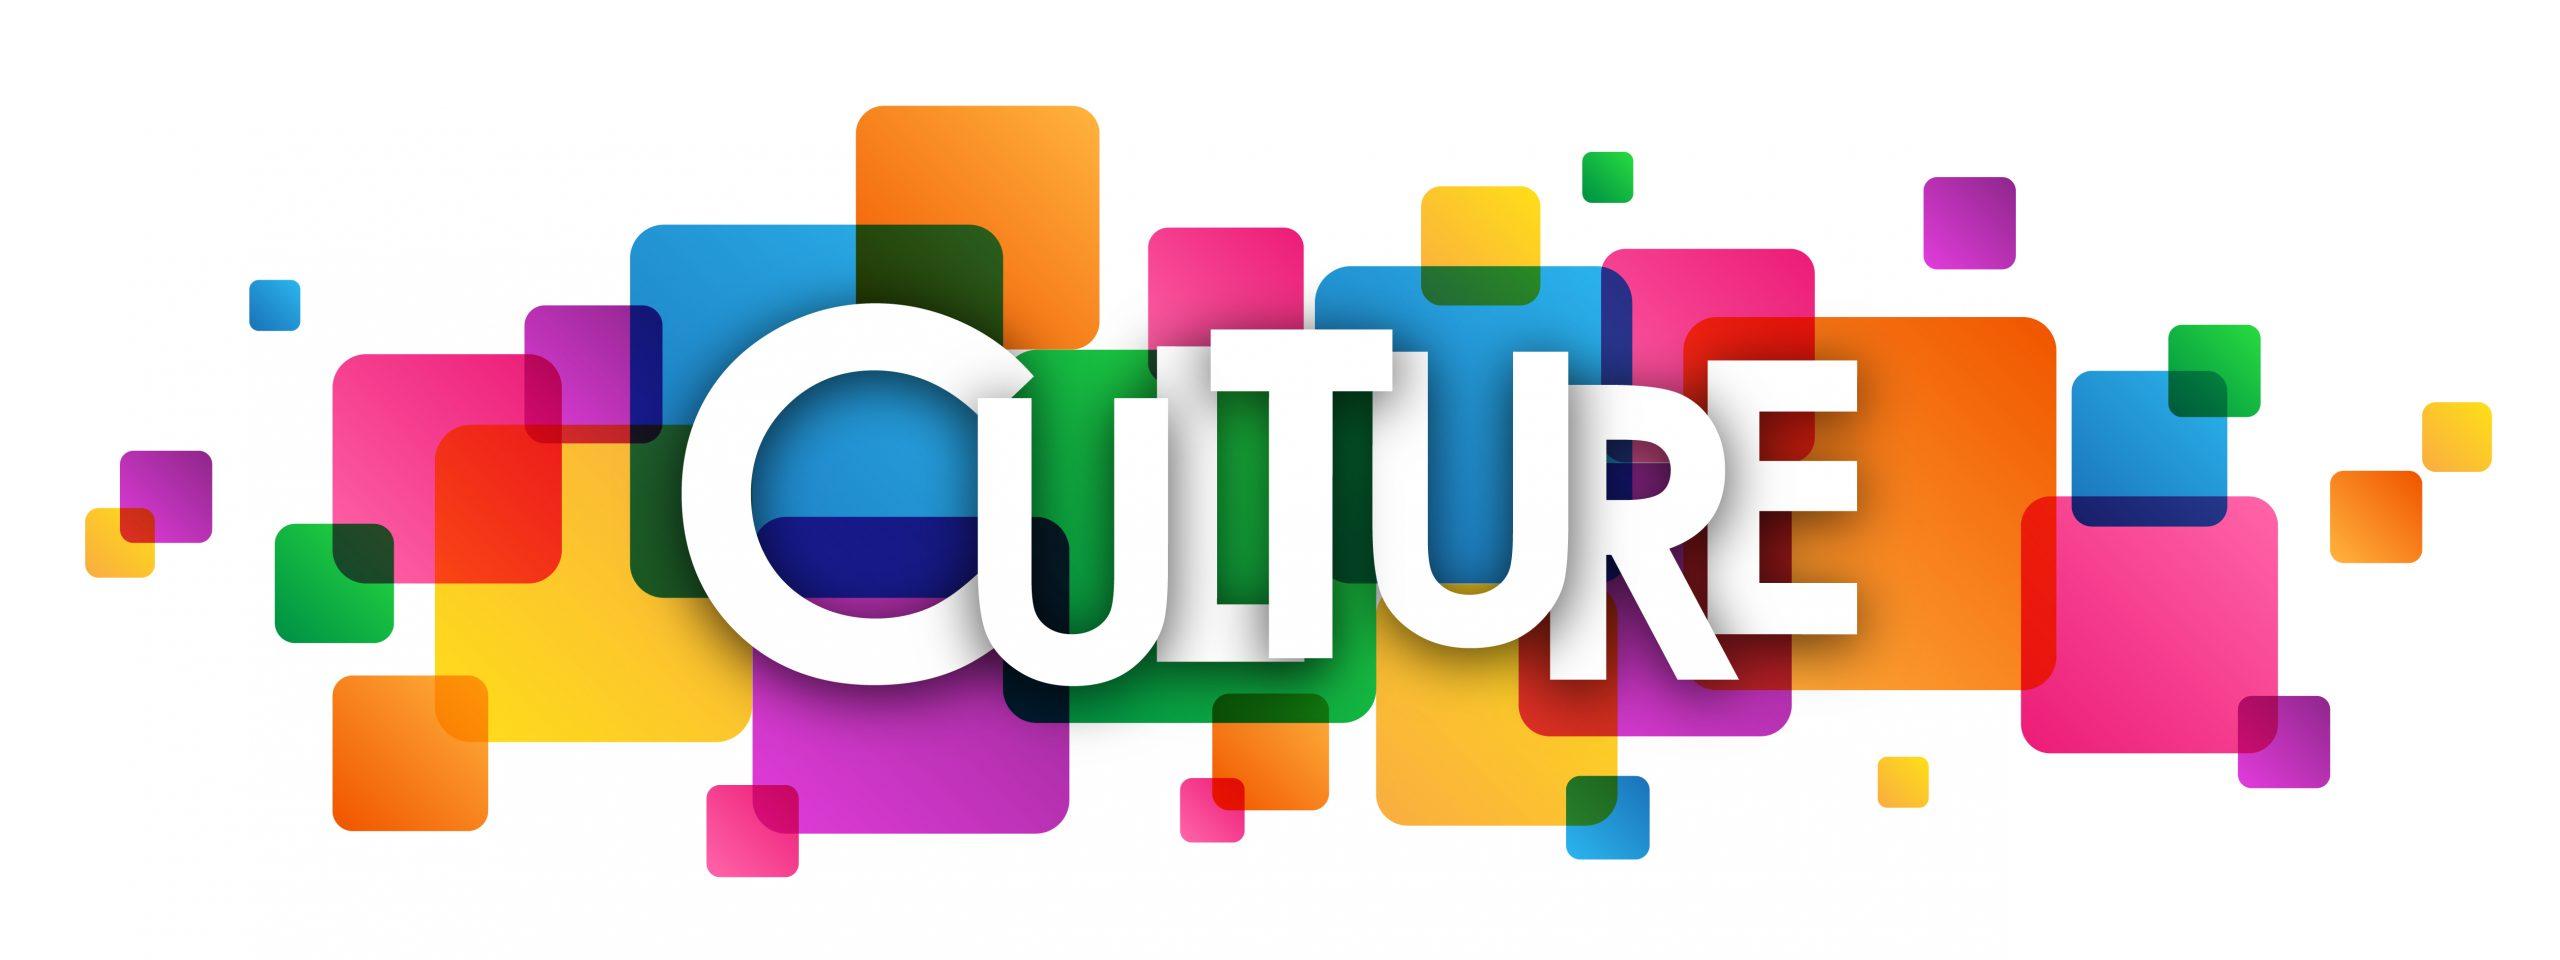 عوامل شکل گیری فرهنگ